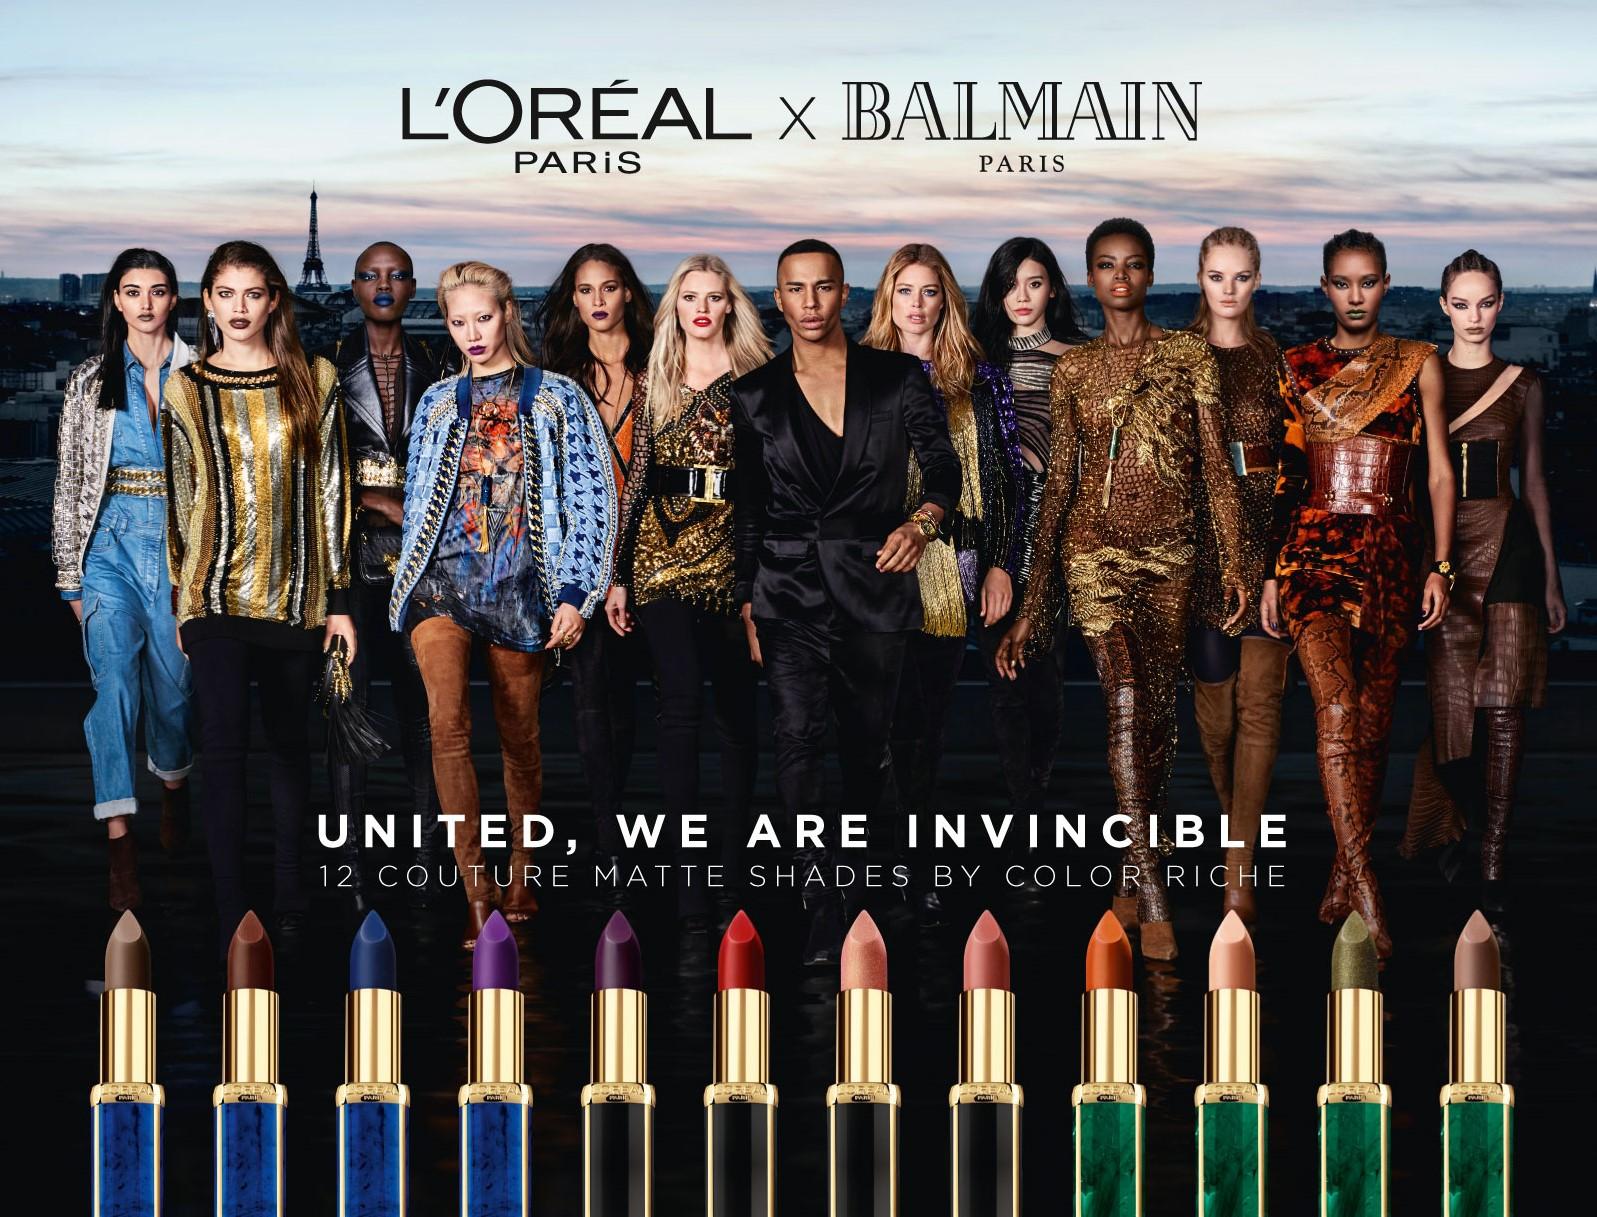 A Look at Balmain's fashion collaborations